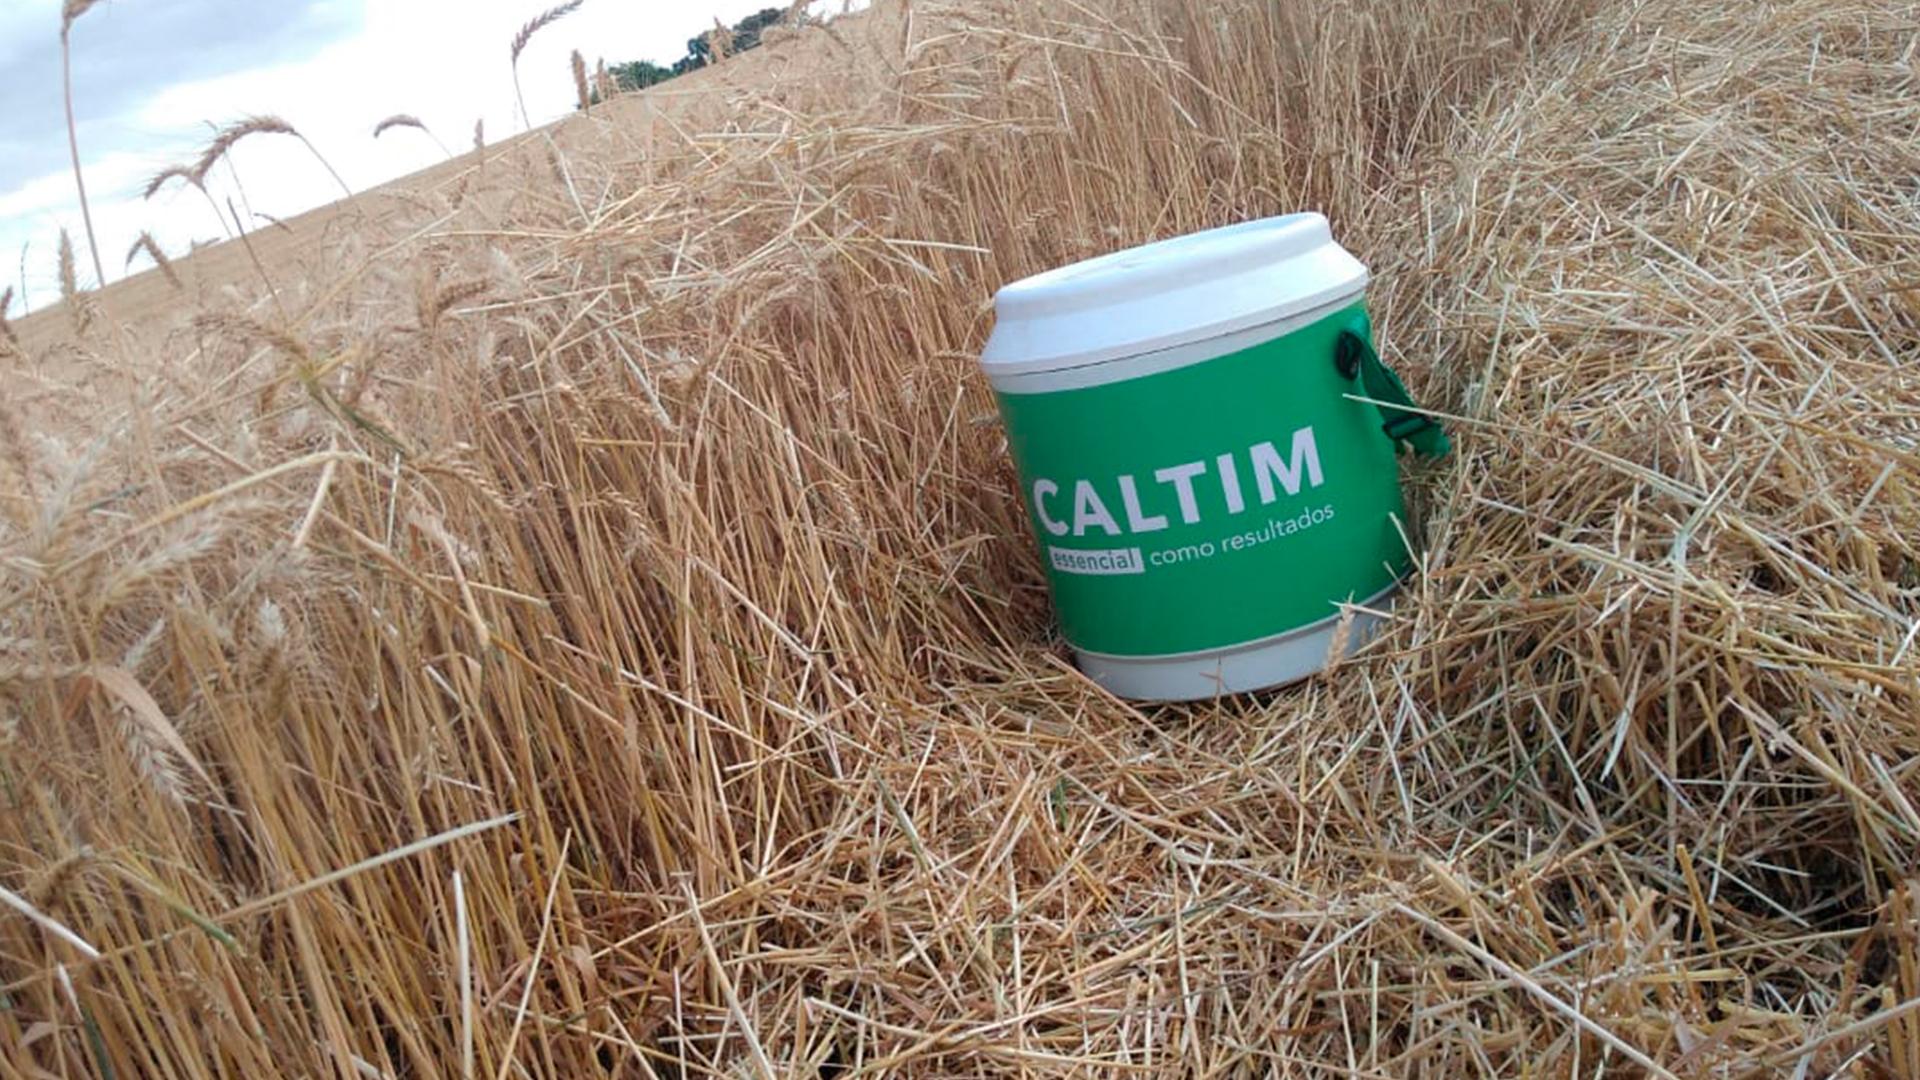 Caltim Fertilizantes inova nos macronutrientes secundários, essenciais na agricultura. Plantação de trigo em Sananduva – Rio Grande do Sul